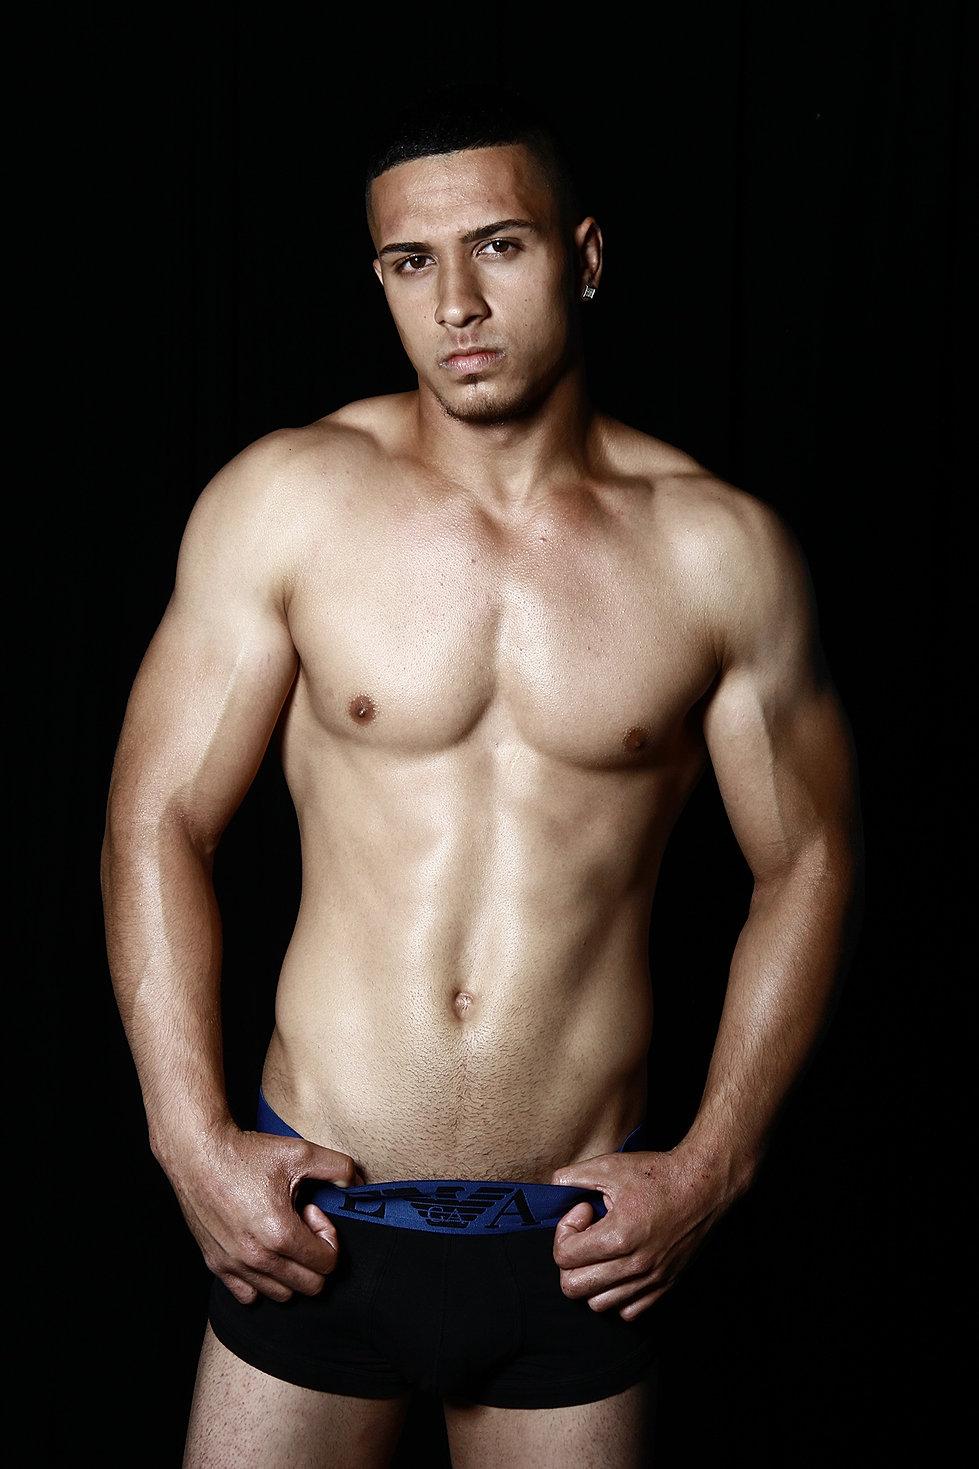 male stripper